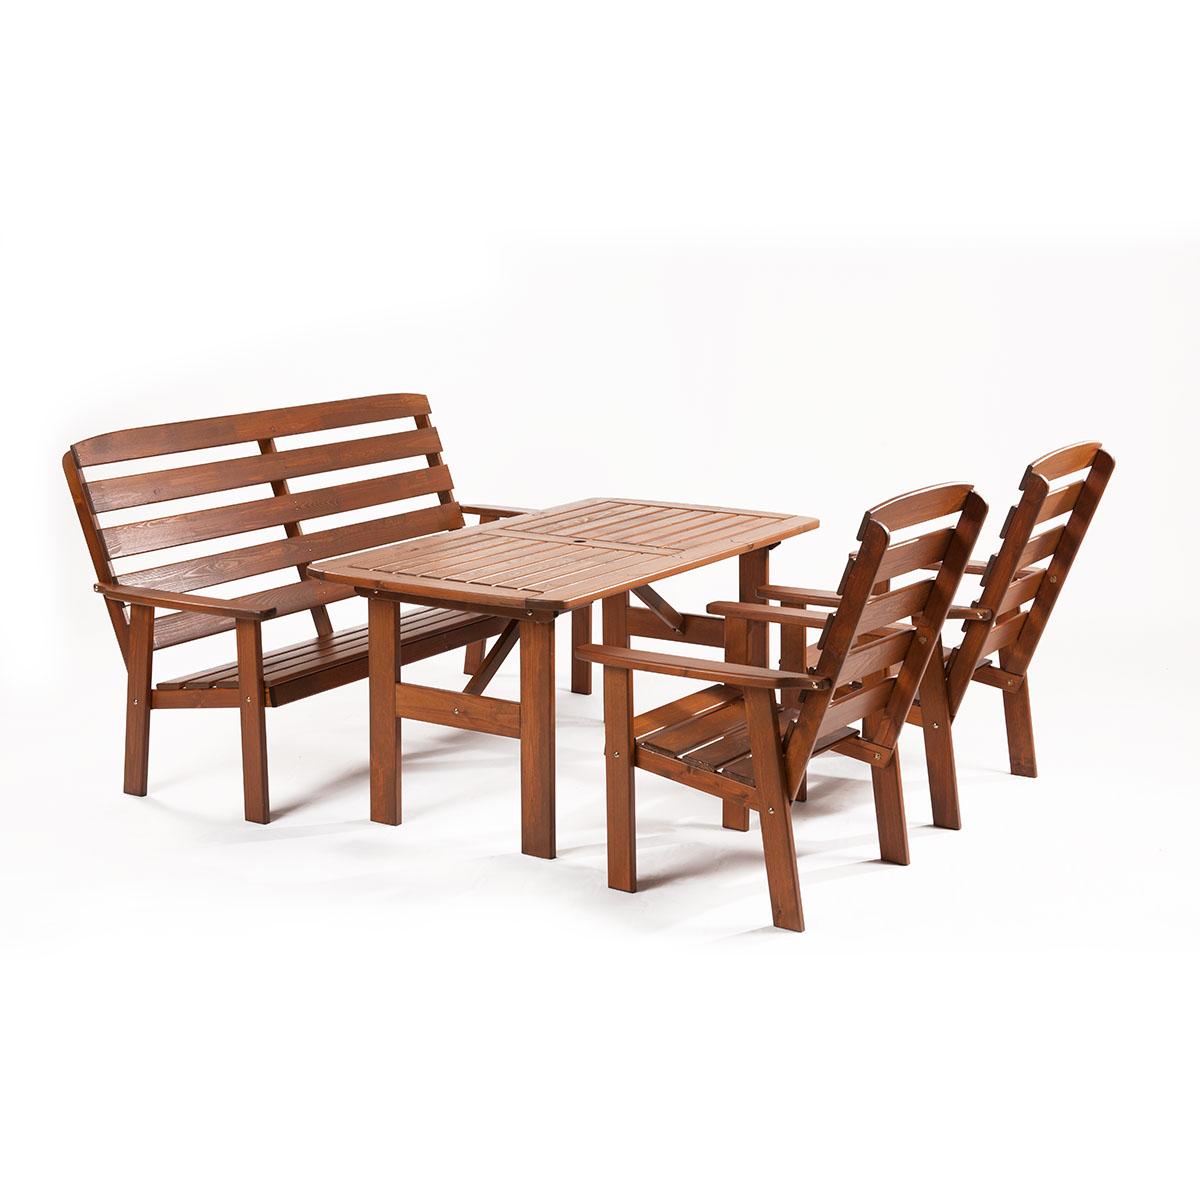 Garland Viken, sestava nábytku z borovice (2x křeslo, 1x lavice, 1x stůl)